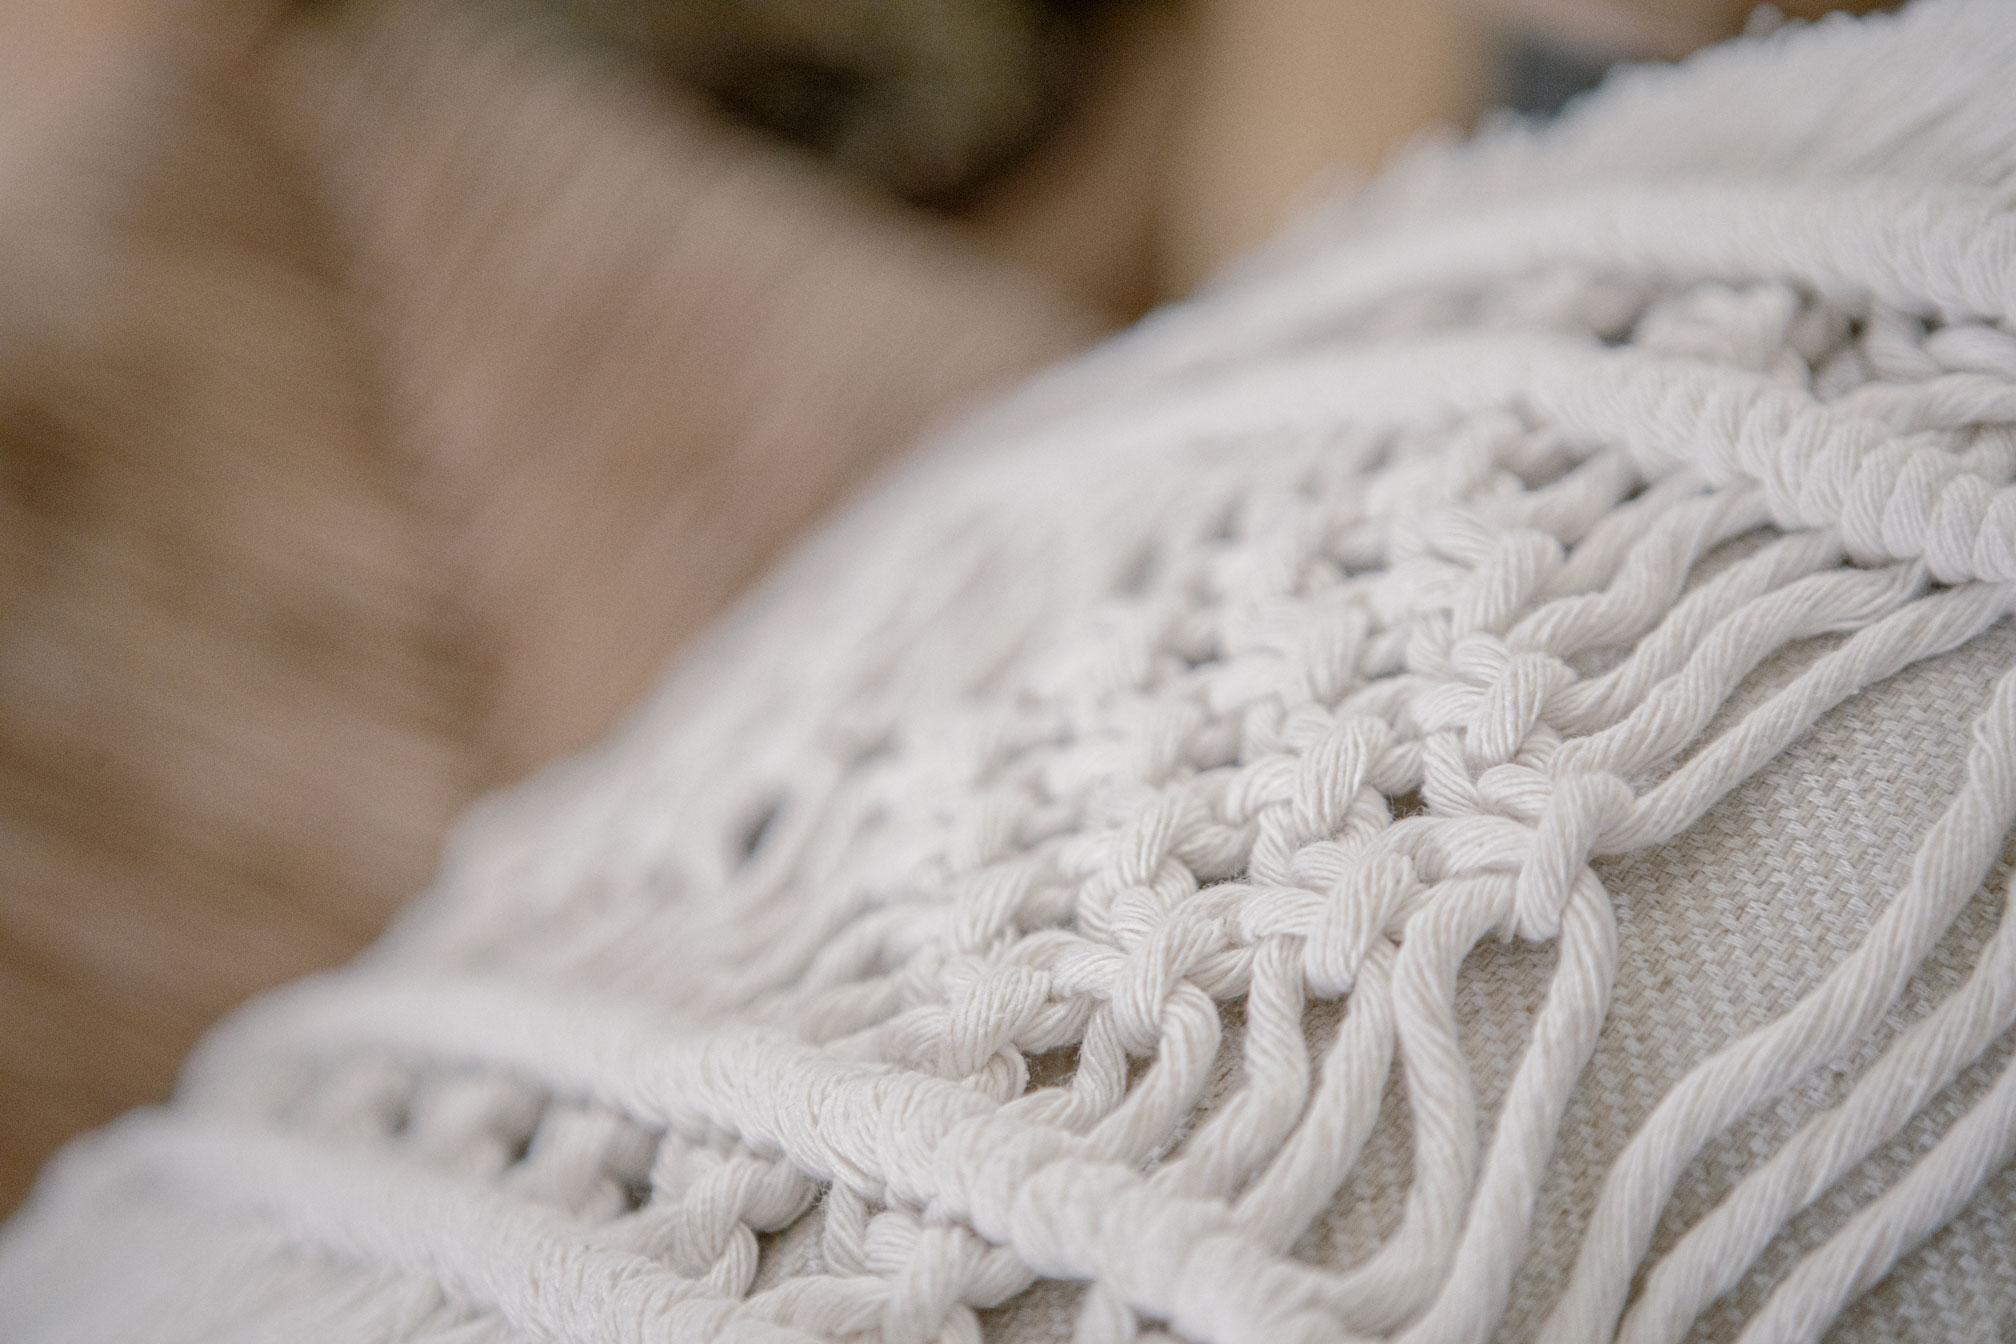 Detalle de cojín hecho de macramé en color crudo con algodón ecológico